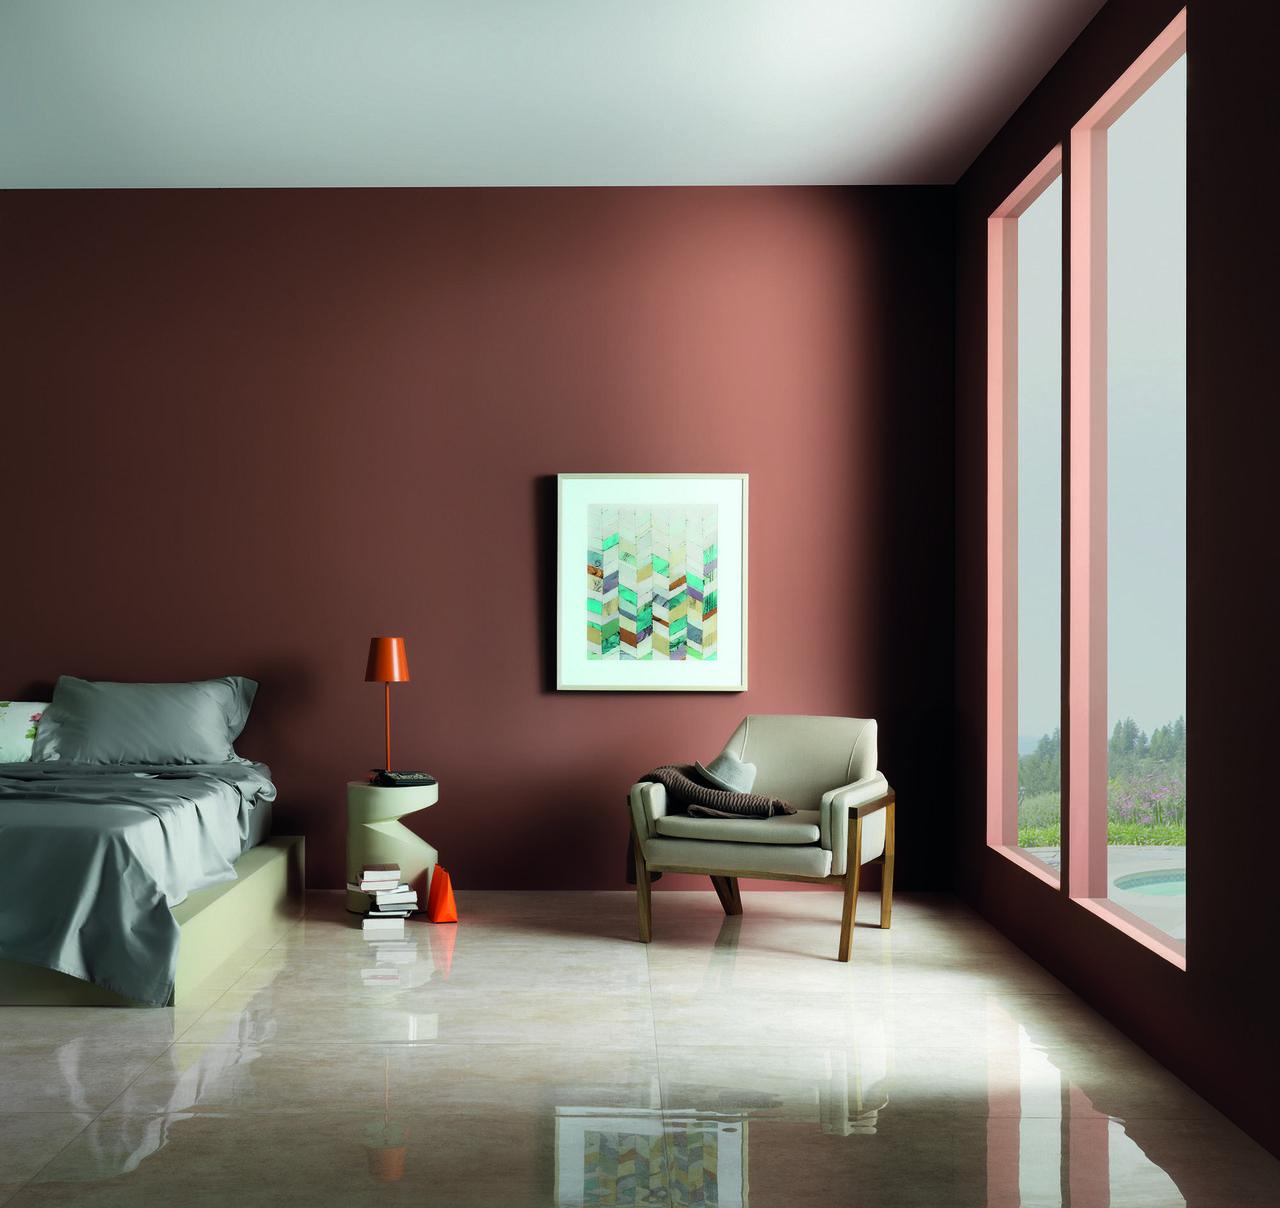 Parede Marrom Com Quadro Colorido De Portobello 86880 No Viva Decora